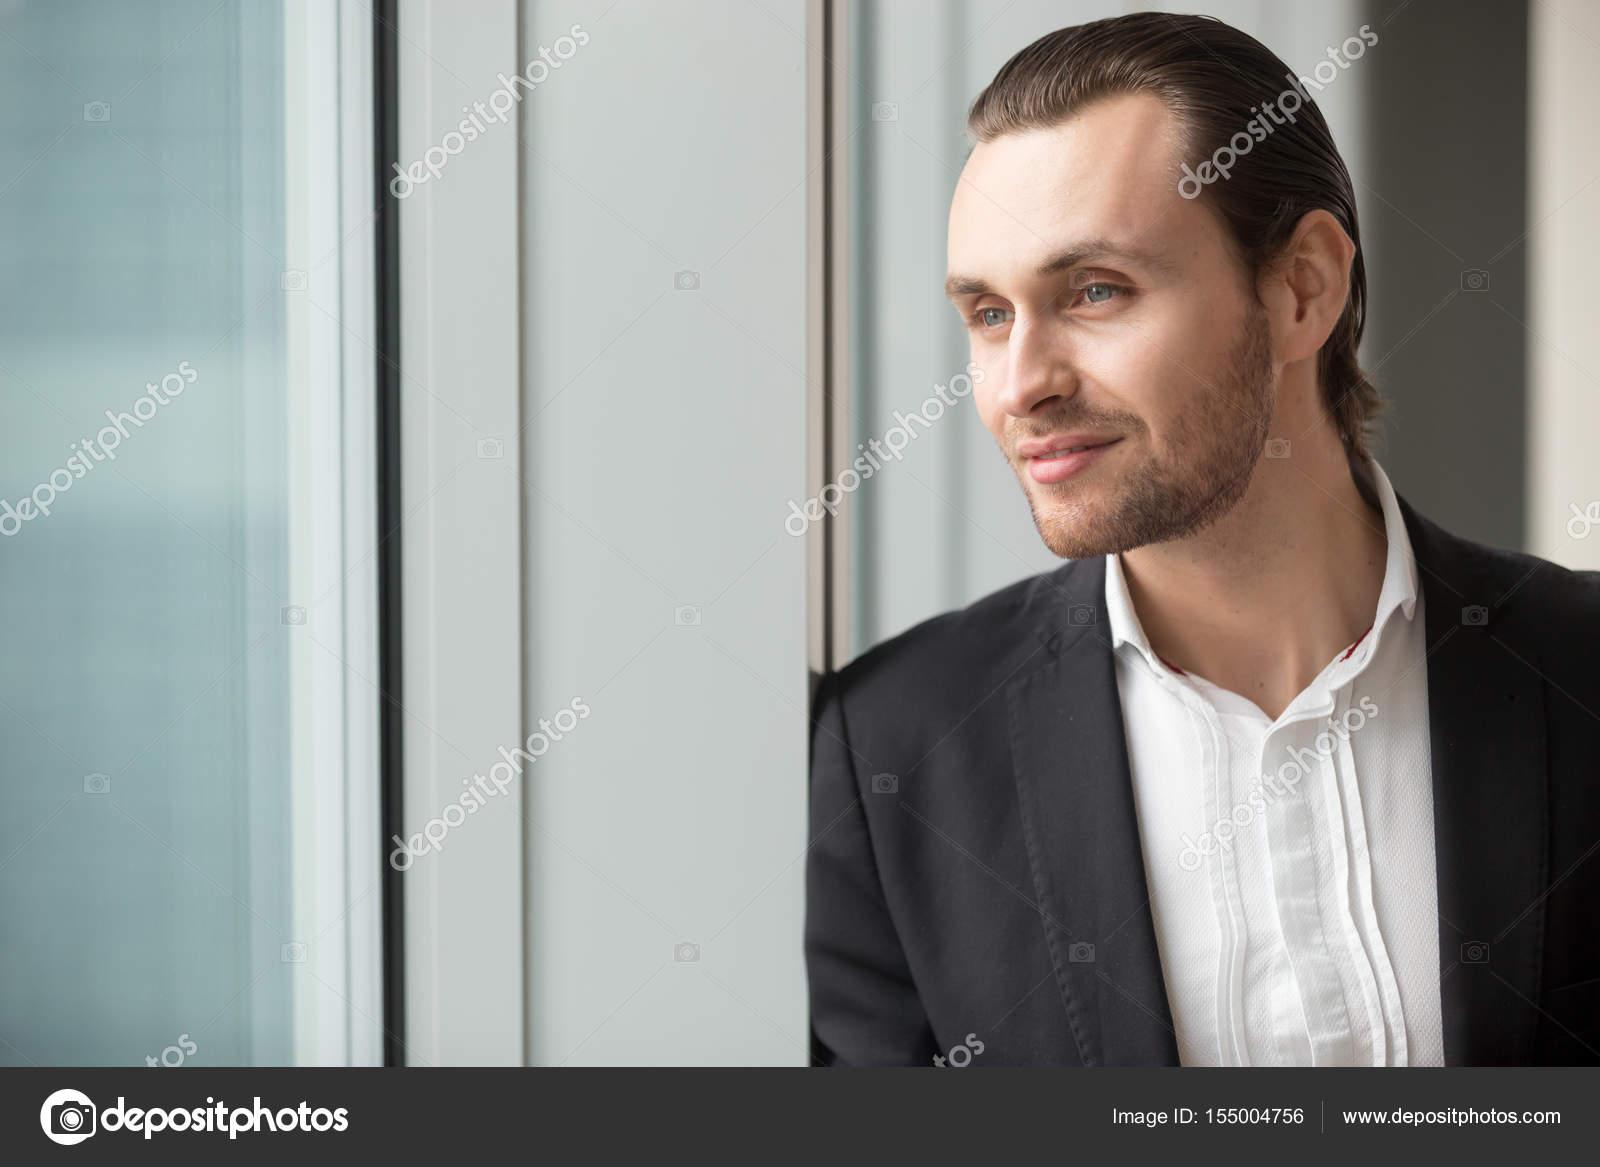 bfa2ee748 Empresário de sucesso imagina grande carreira — Stock Photo © fizkes ...